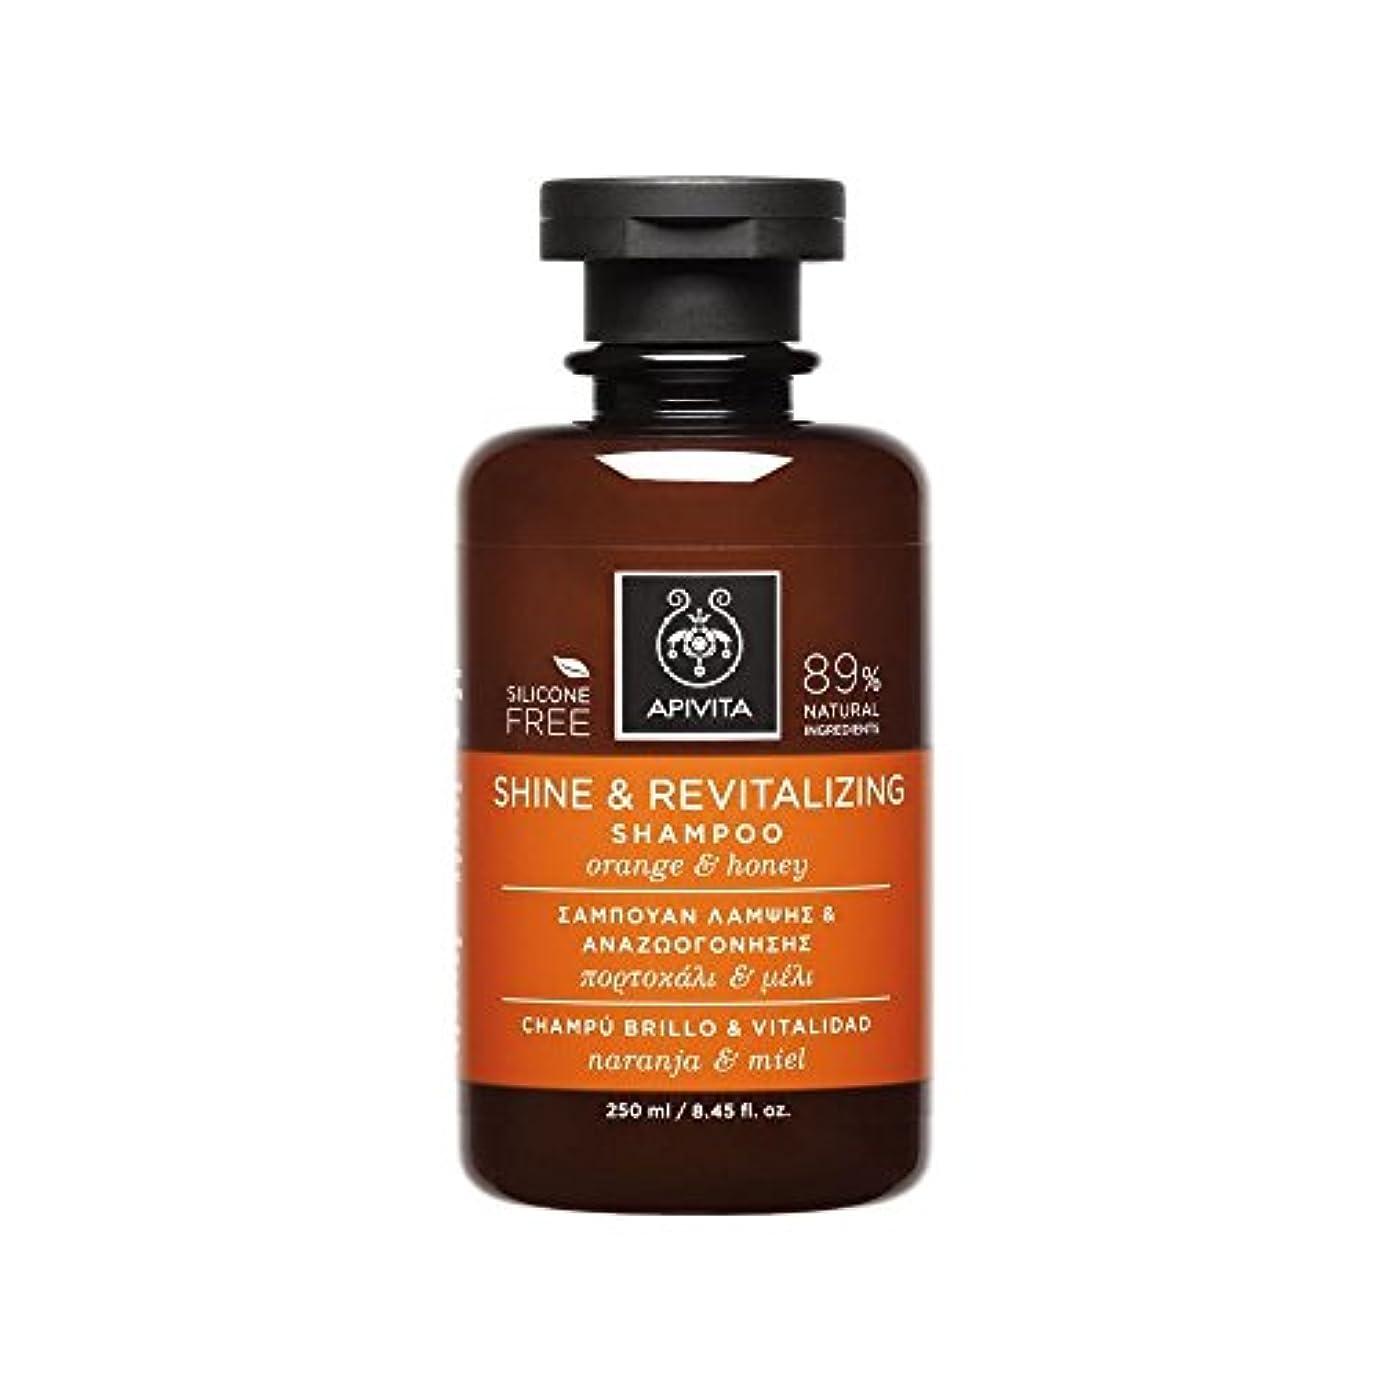 ジェム暗黙ランデブーアピヴィータ Shine & Revitalizing Shampoo with Orange & Honey (For All Hair Types) 250ml [並行輸入品]